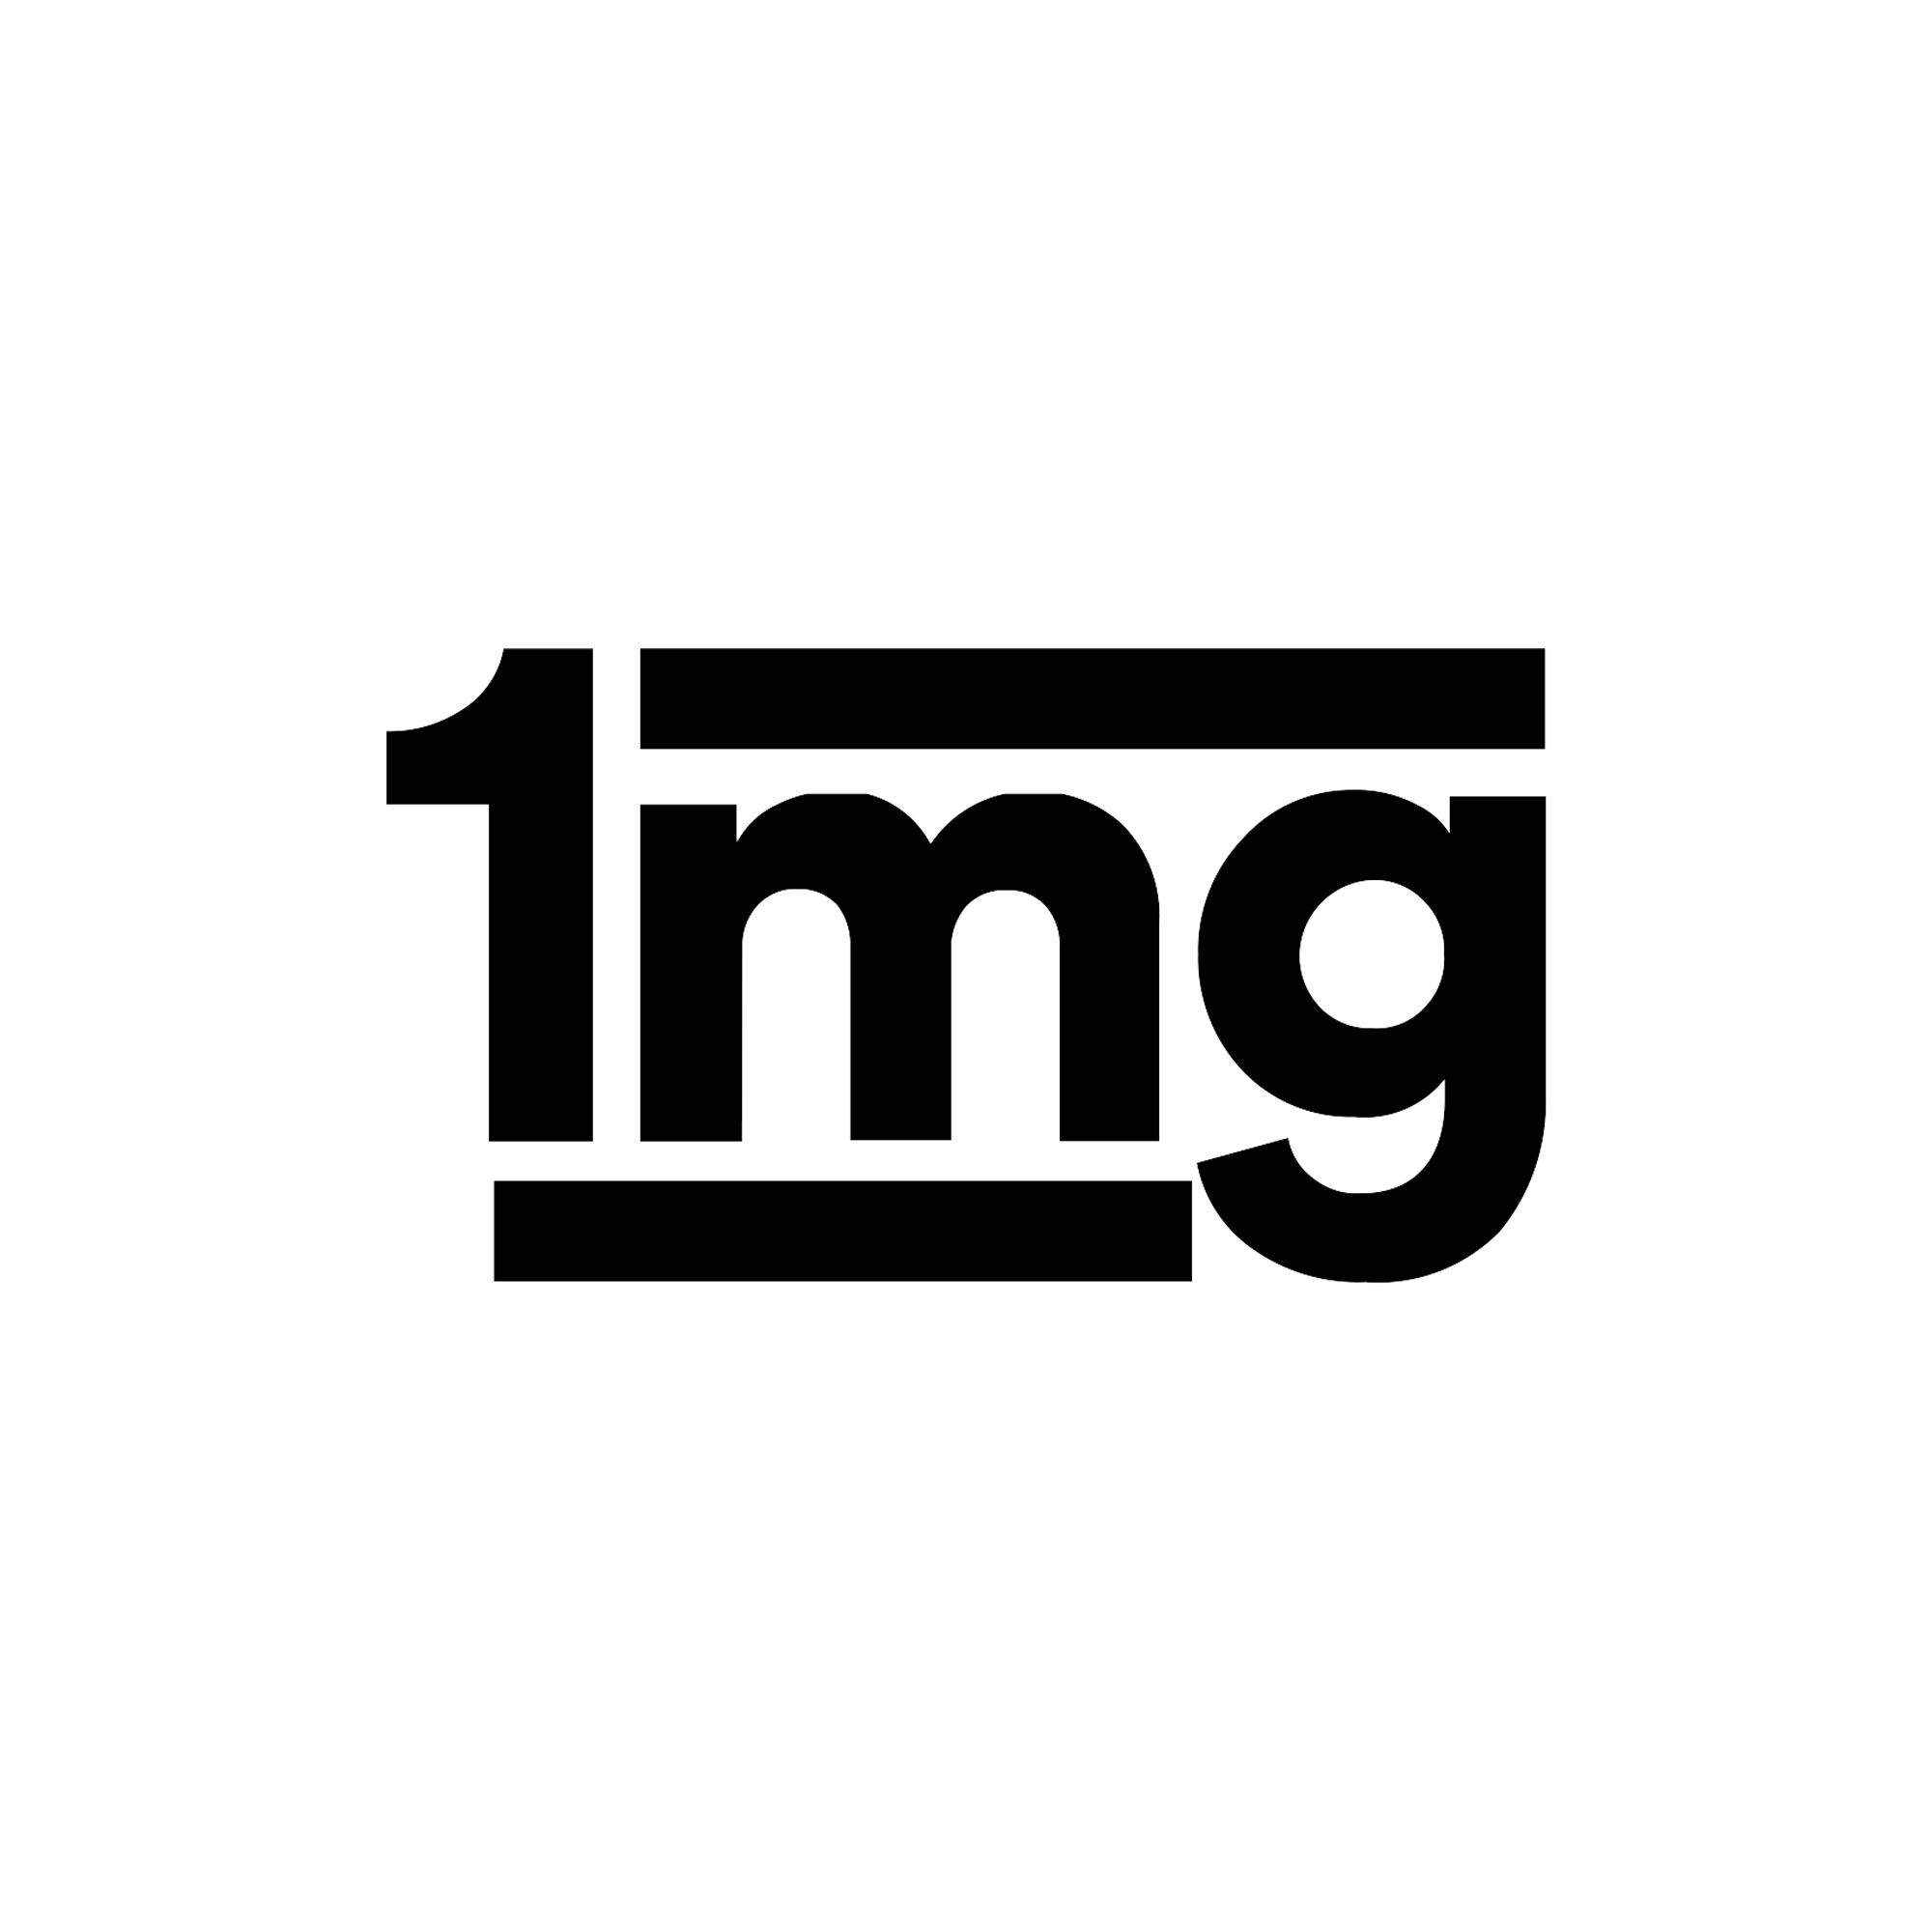 onemg